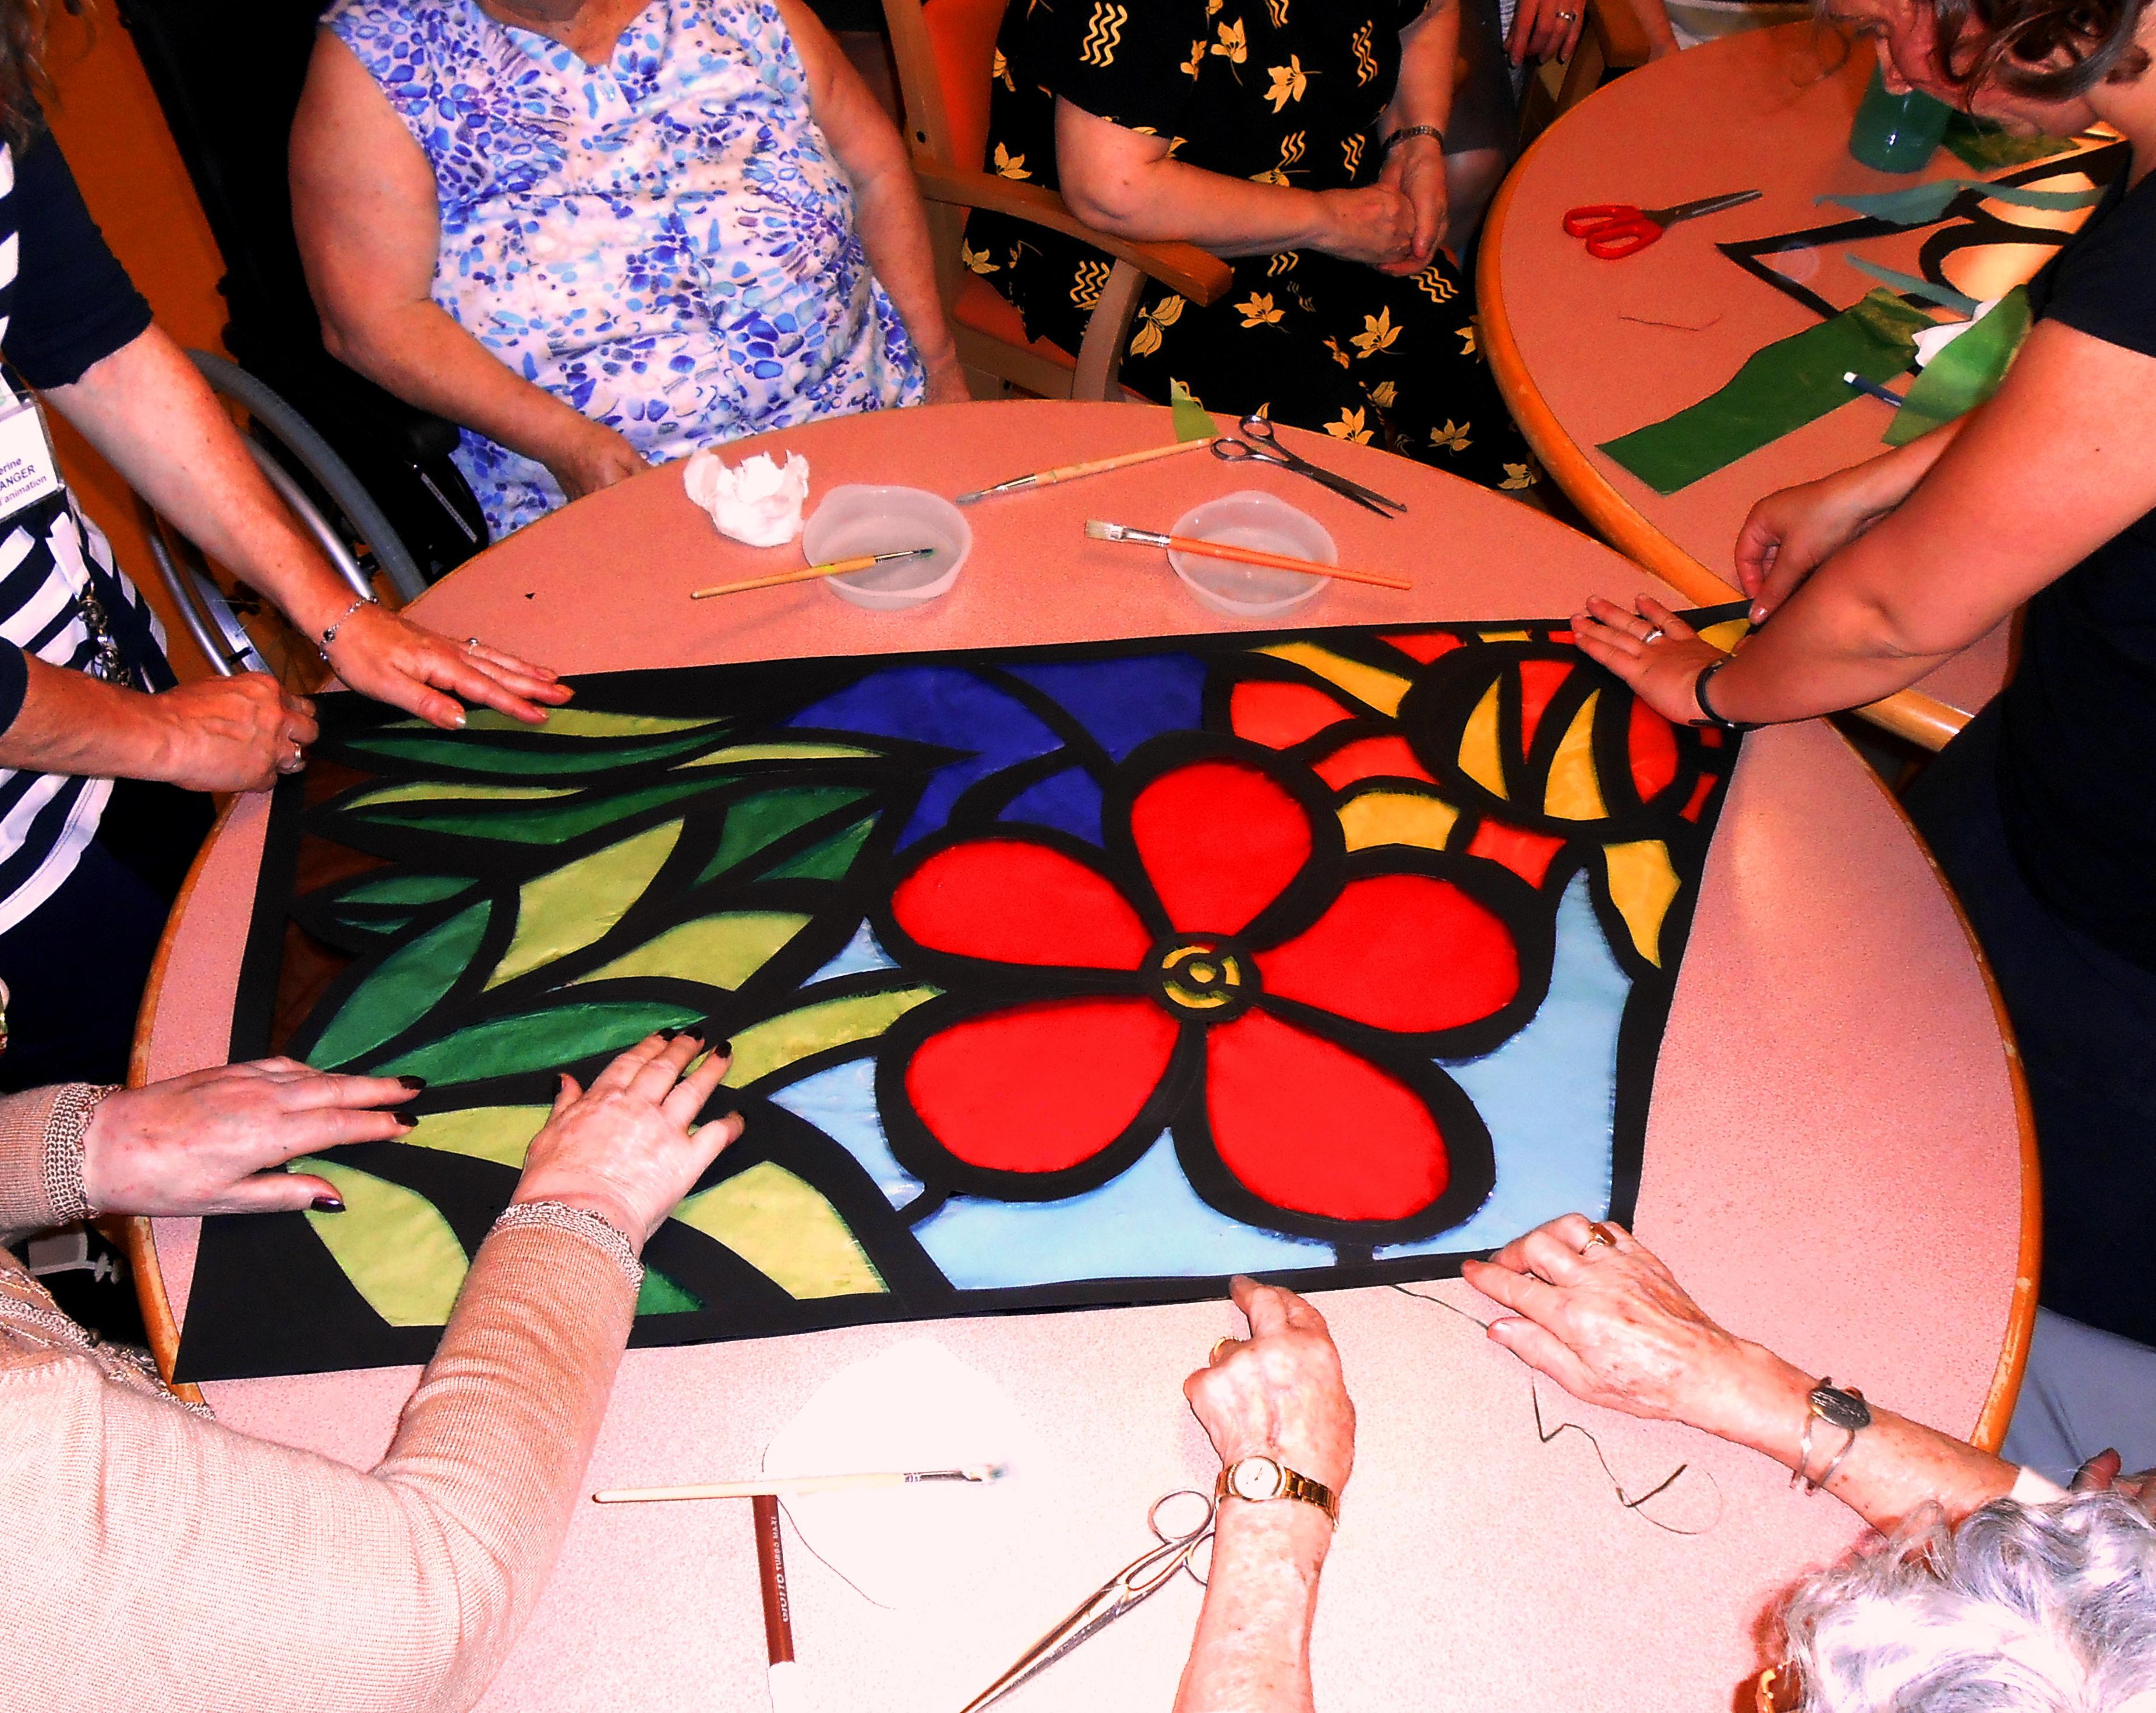 Comment s'organise une séance d'art-thérapie ?